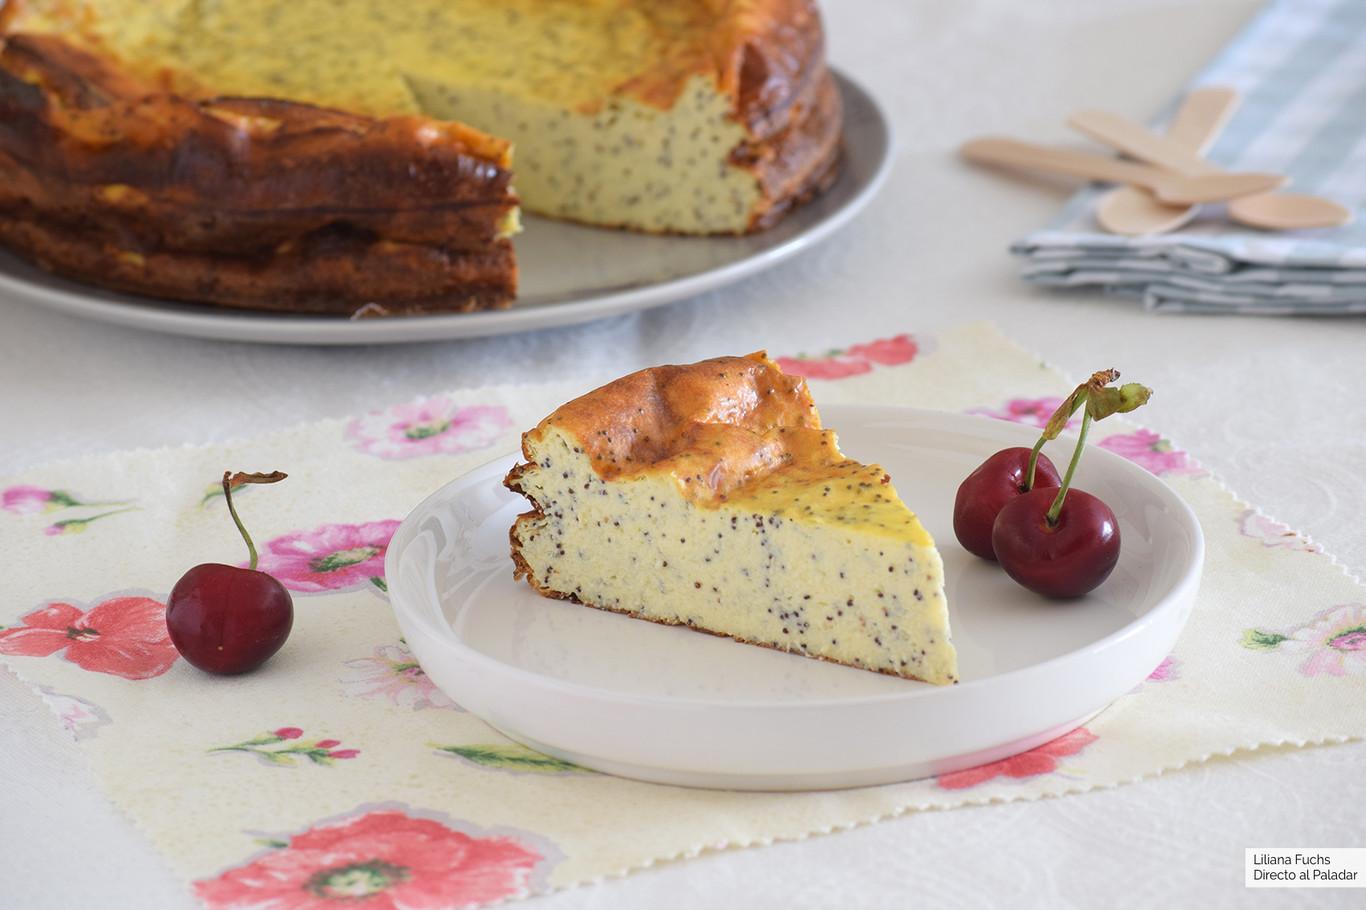 Tarta de yogur griego y queso fresco desnatado con semillas de amapola: receta más ligera para darse un...